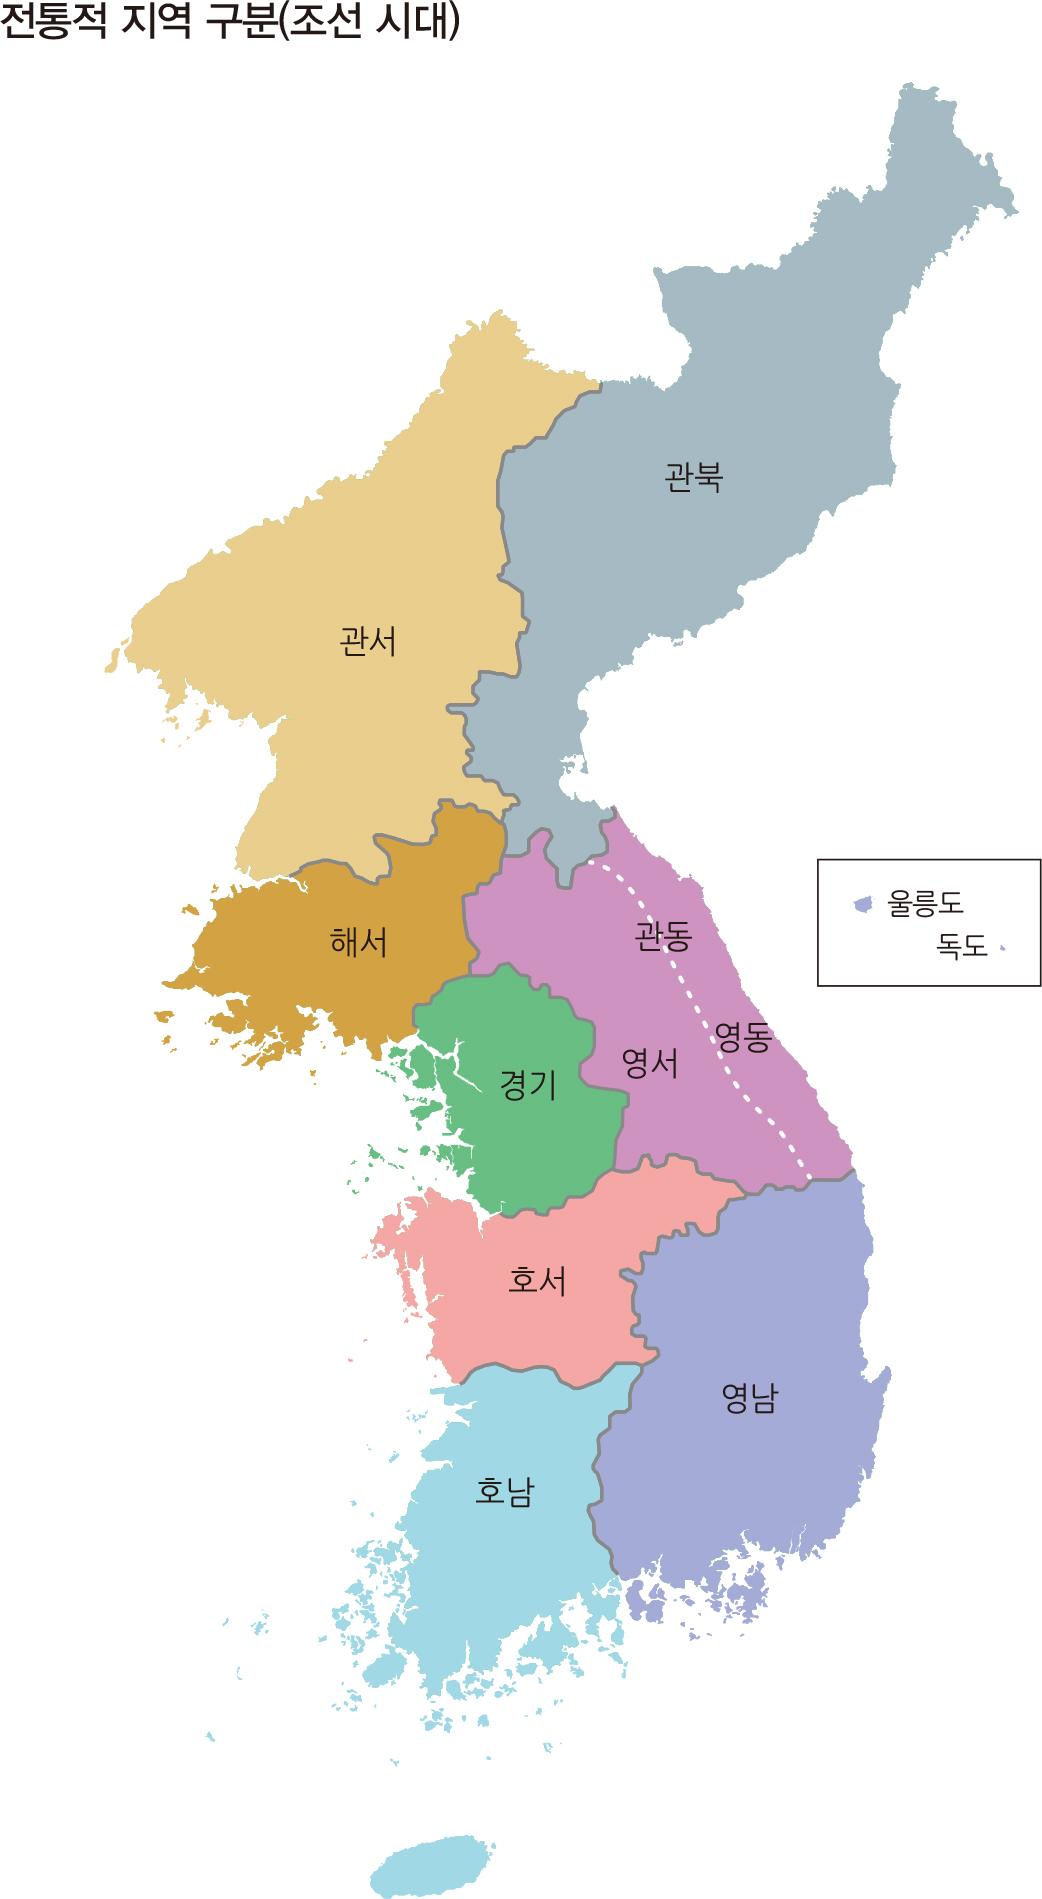 전통적 지역 구분(조선 시대)